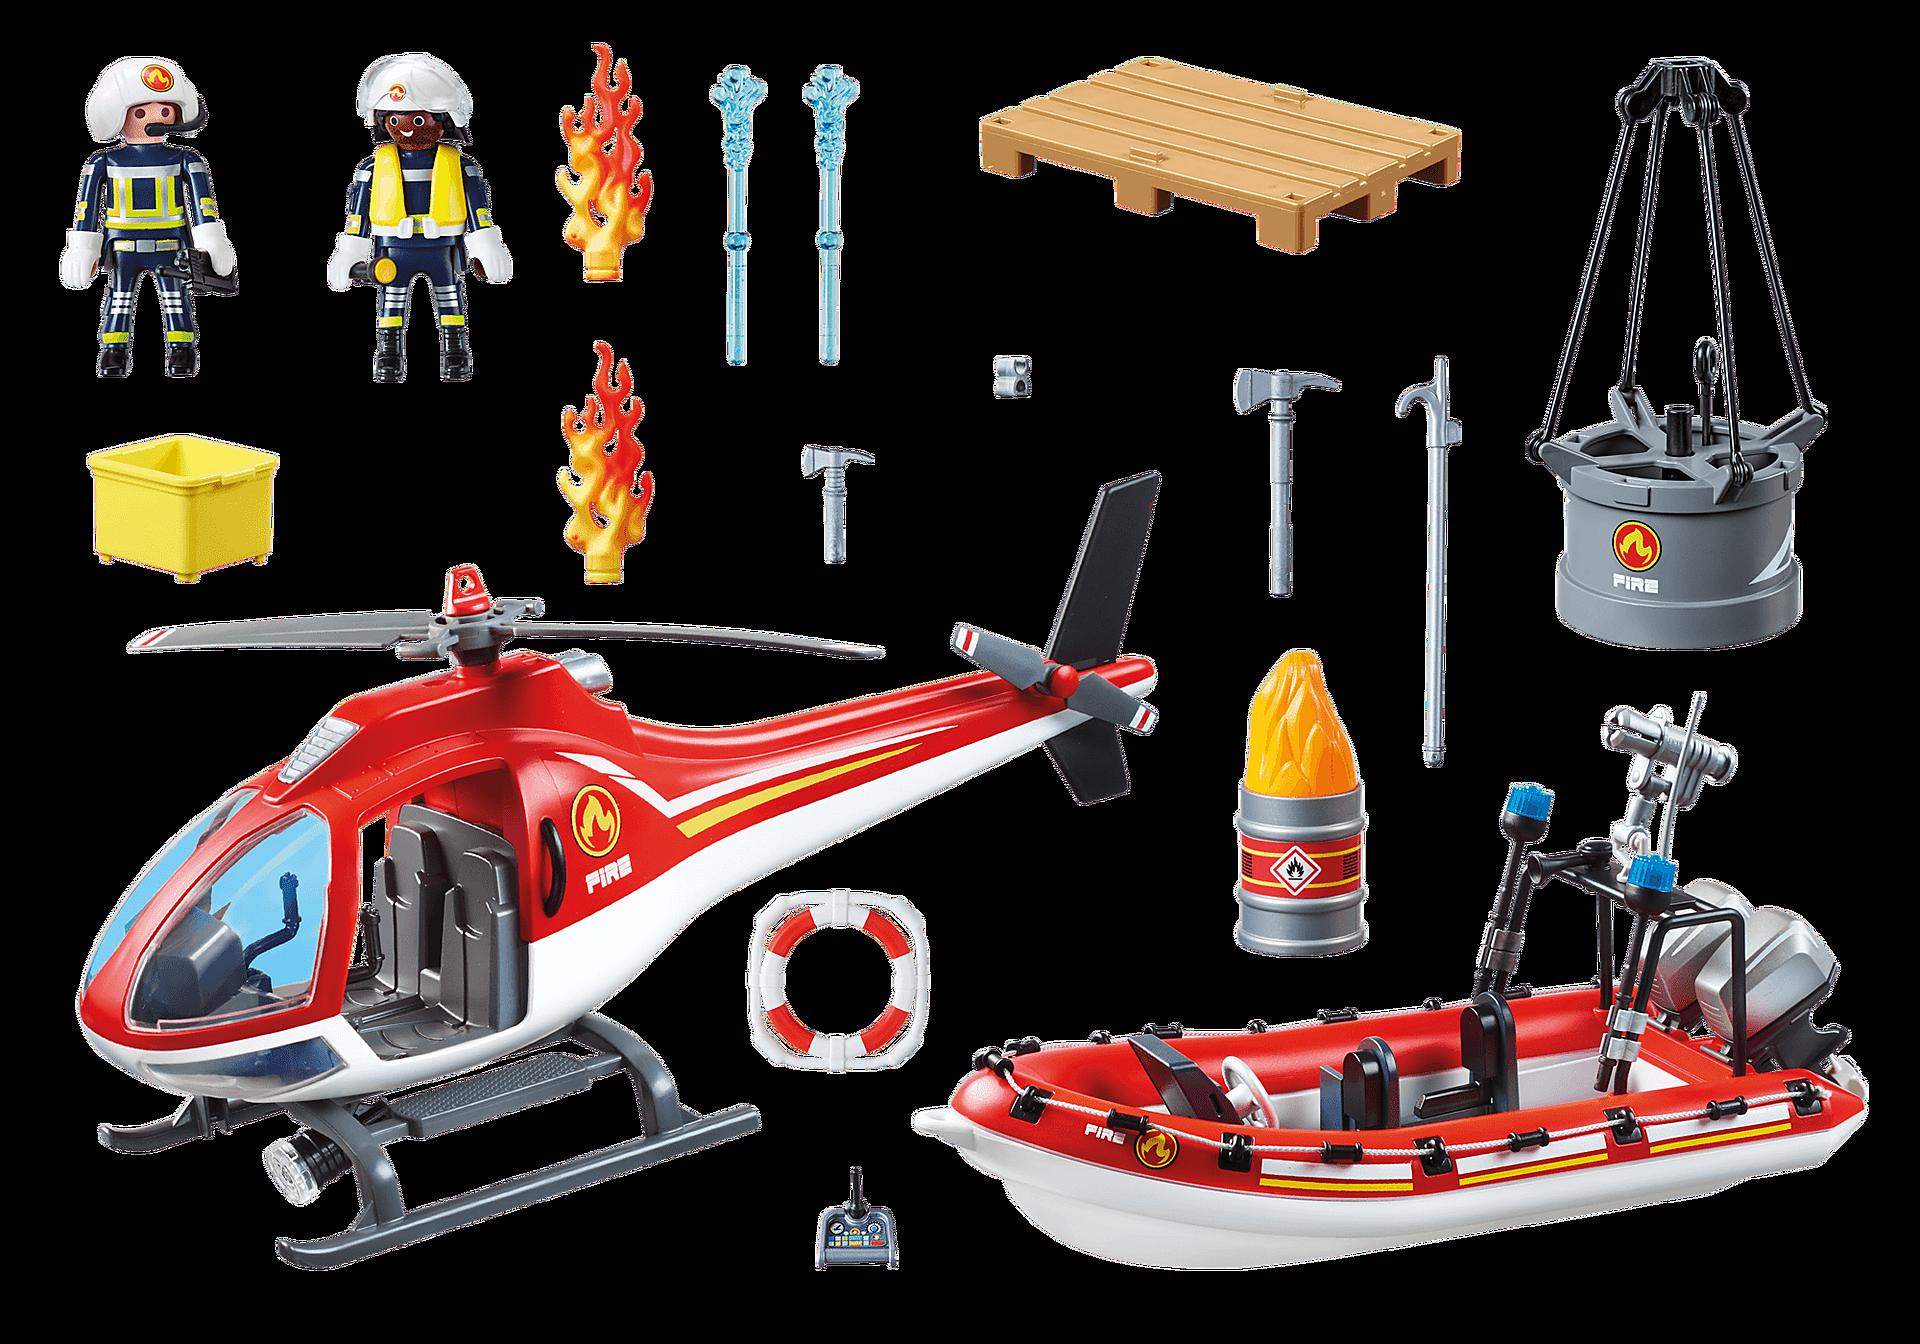 70335 Brandberedskab med helikopter og båd zoom image3